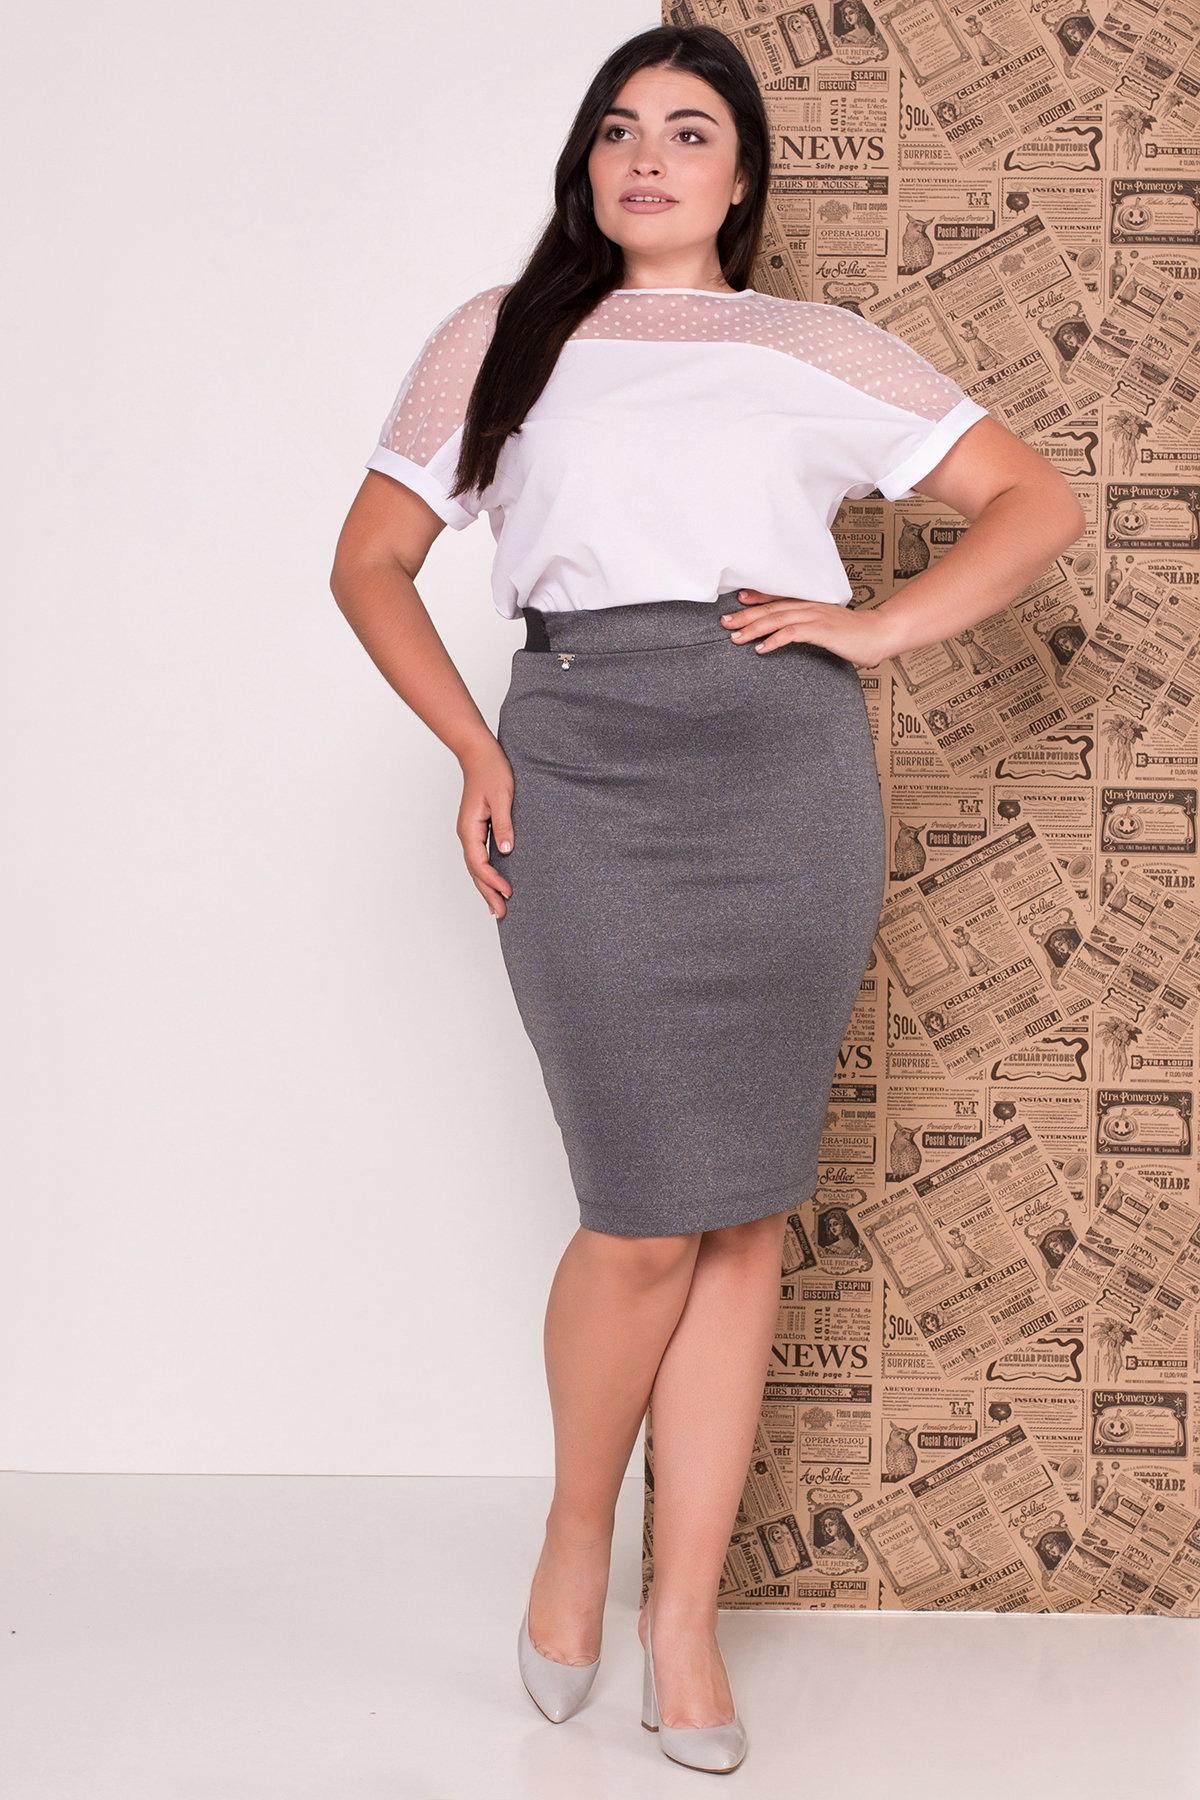 Блуза Свит DONNA 7777 АРТ. 43659 Цвет: Белый - фото 4, интернет магазин tm-modus.ru